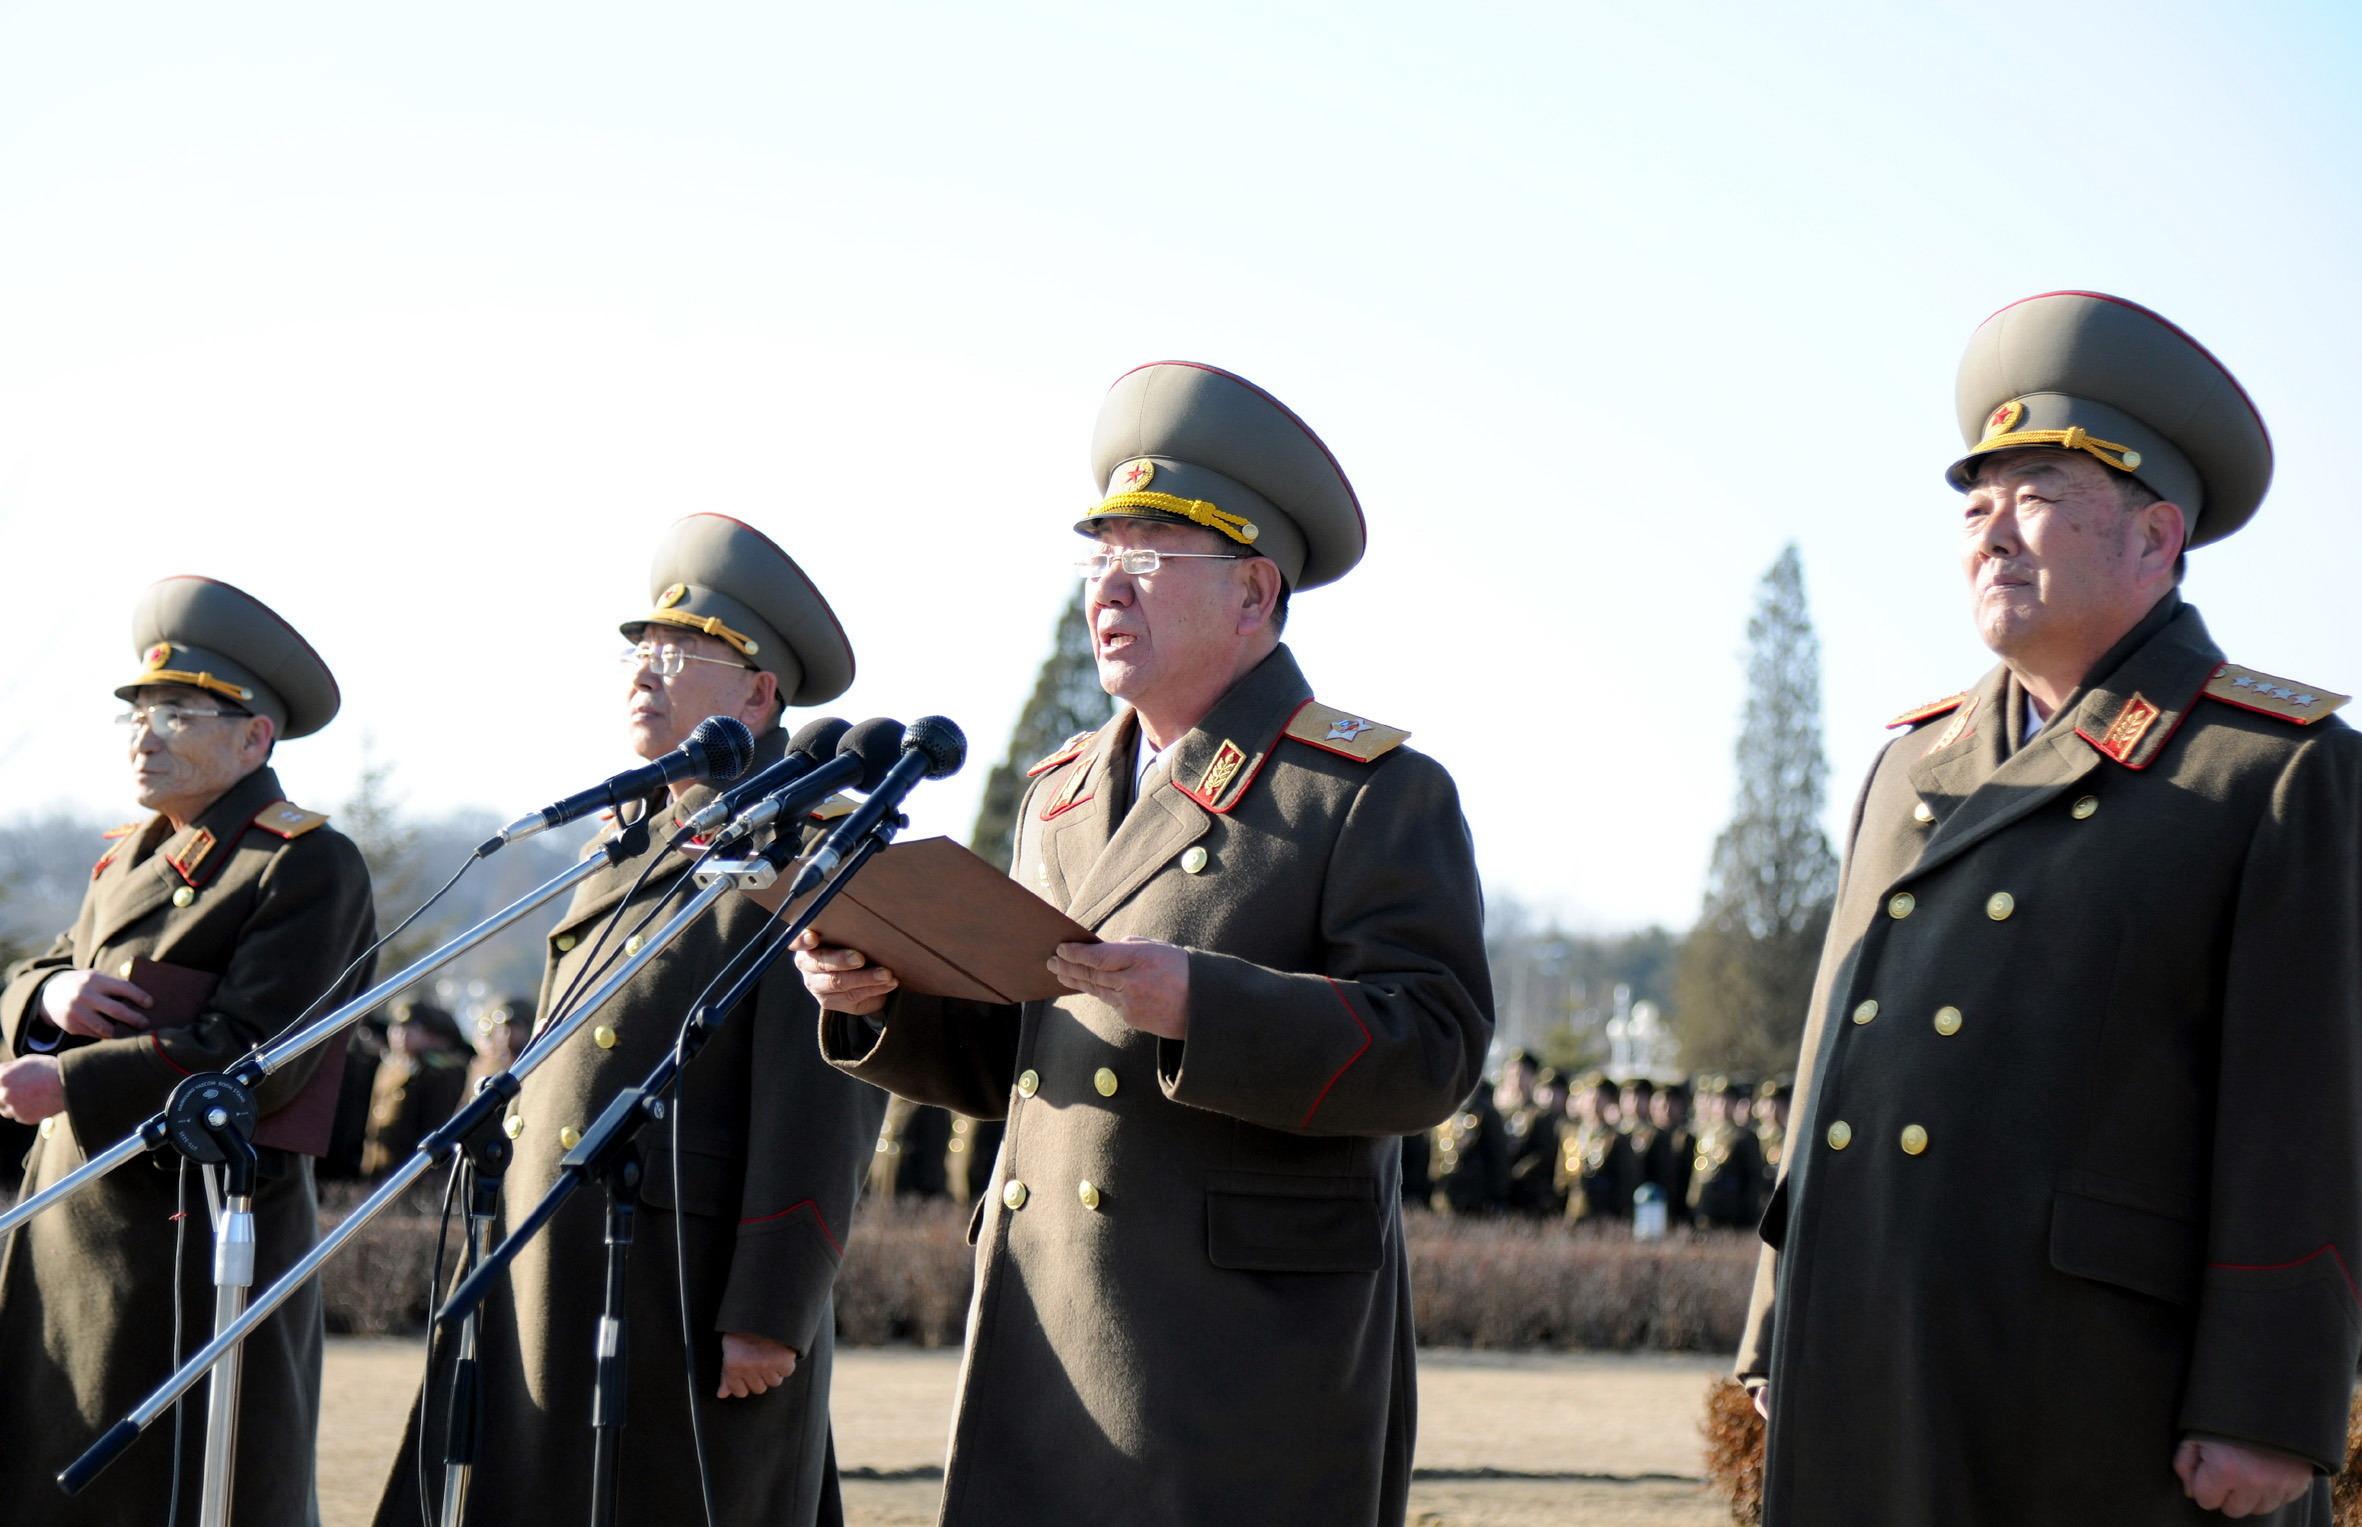 朝鲜人民军空军_朝鲜人民军陆军,海军,航空与防空军,战略军官兵13日在平壤锦绣山